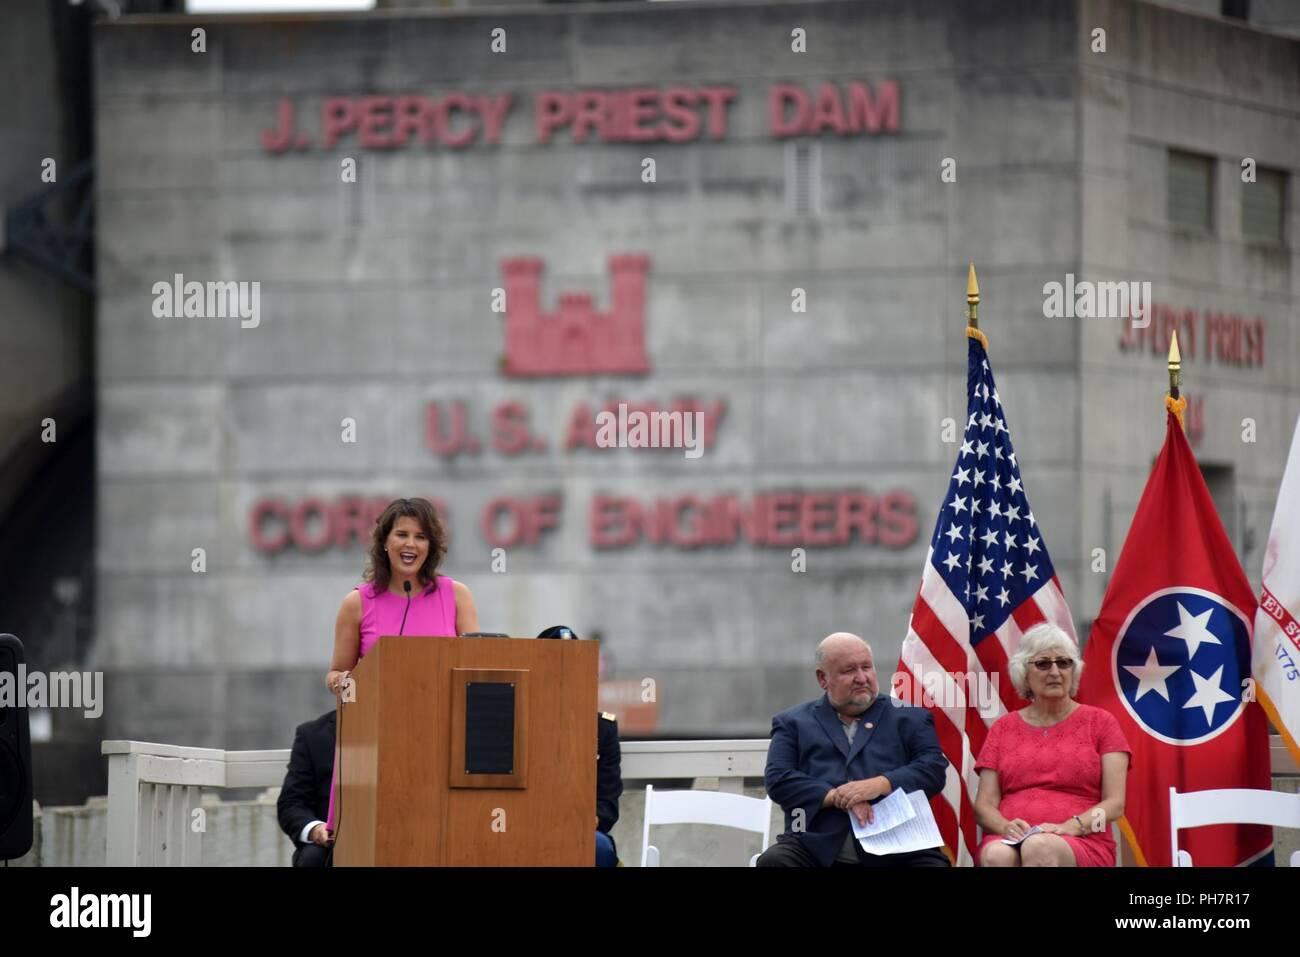 Il sindaco di Smirne Maria Esther Reed parla di impatto del progetto con la sua comunità durante il cinquantesimo anniversario di J. Percy Priest Dam e serbatoio presso la diga di Nashville, Tennessee, il 29 giugno 2018. Immagini Stock